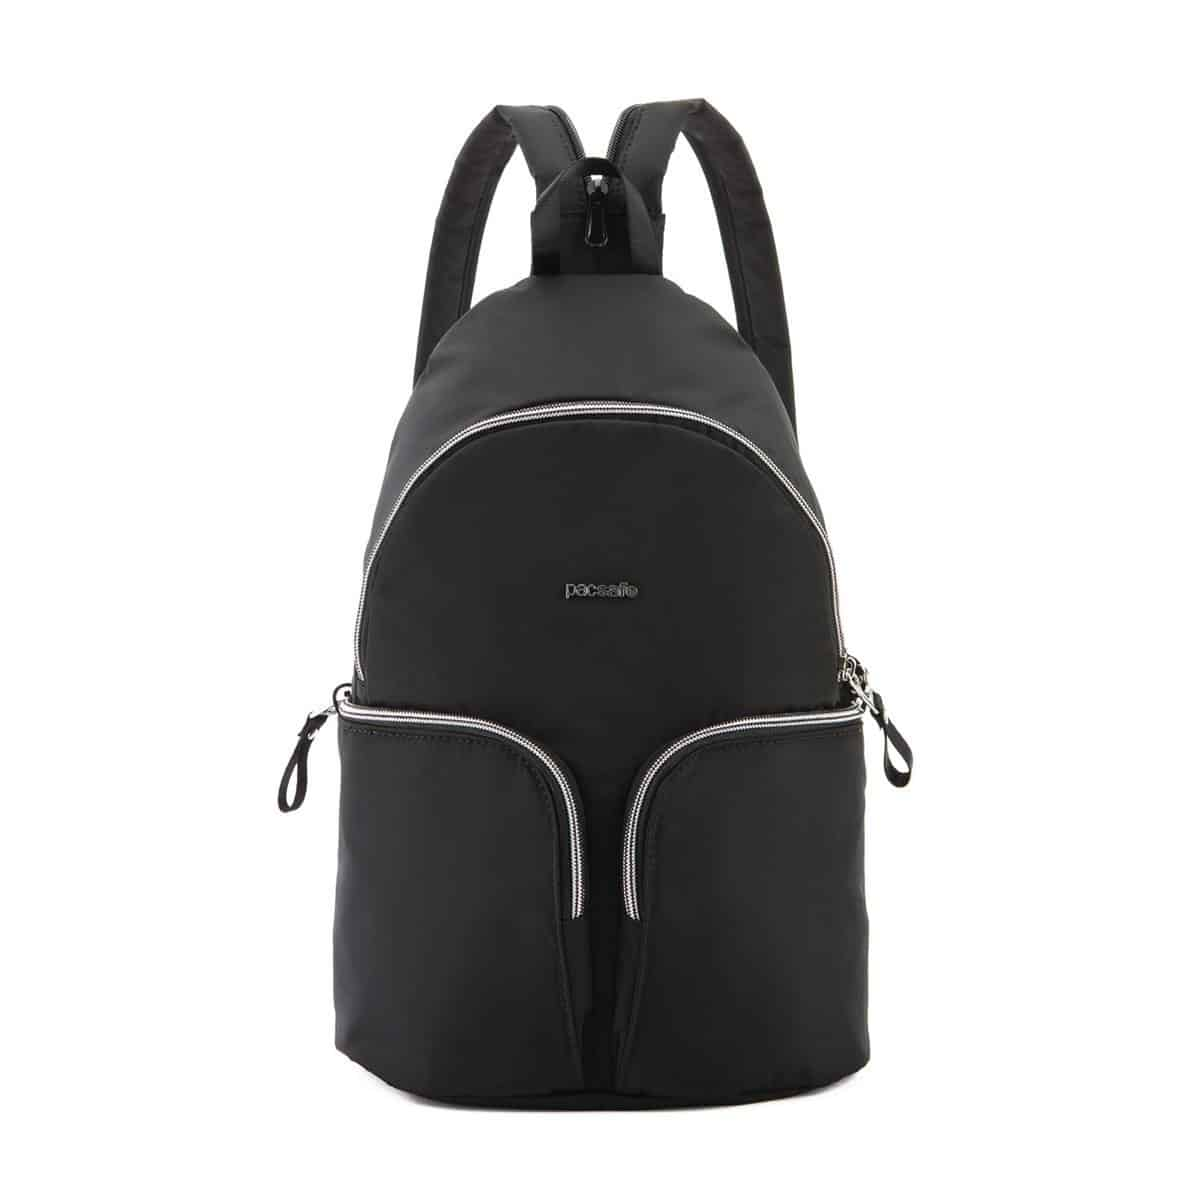 db6bc355f1868 Pacsafe Stylesafe sling czarny - Plecak damski antykradzieżowy